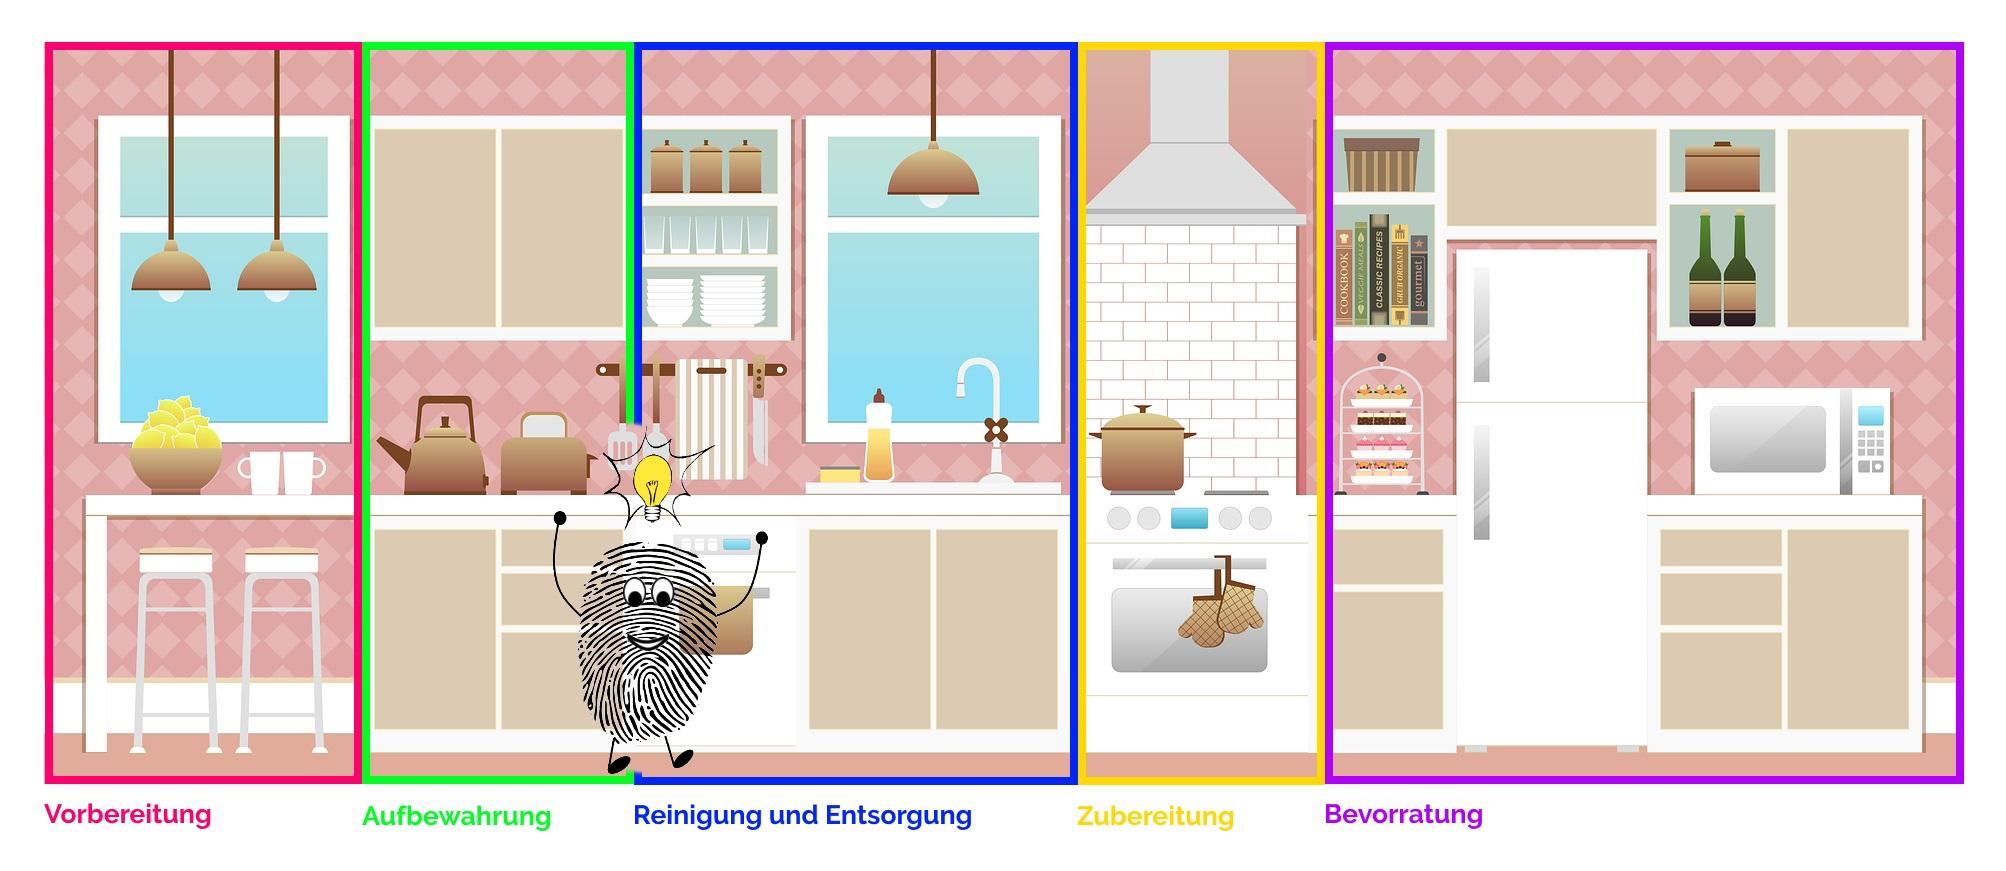 Die fünf Küchenzonen in einer modernen Küche